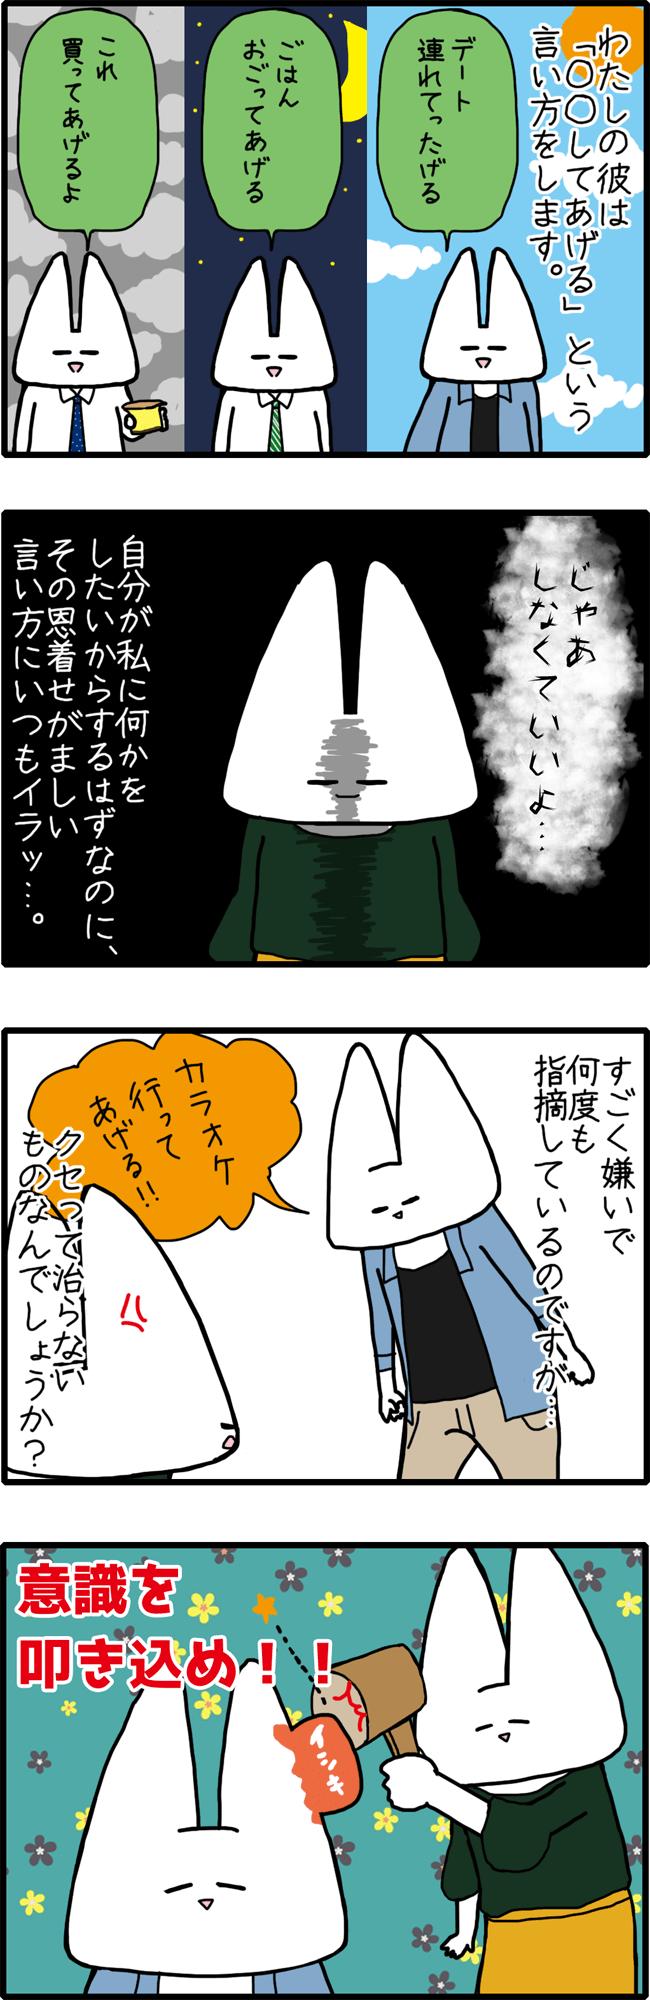 usa147